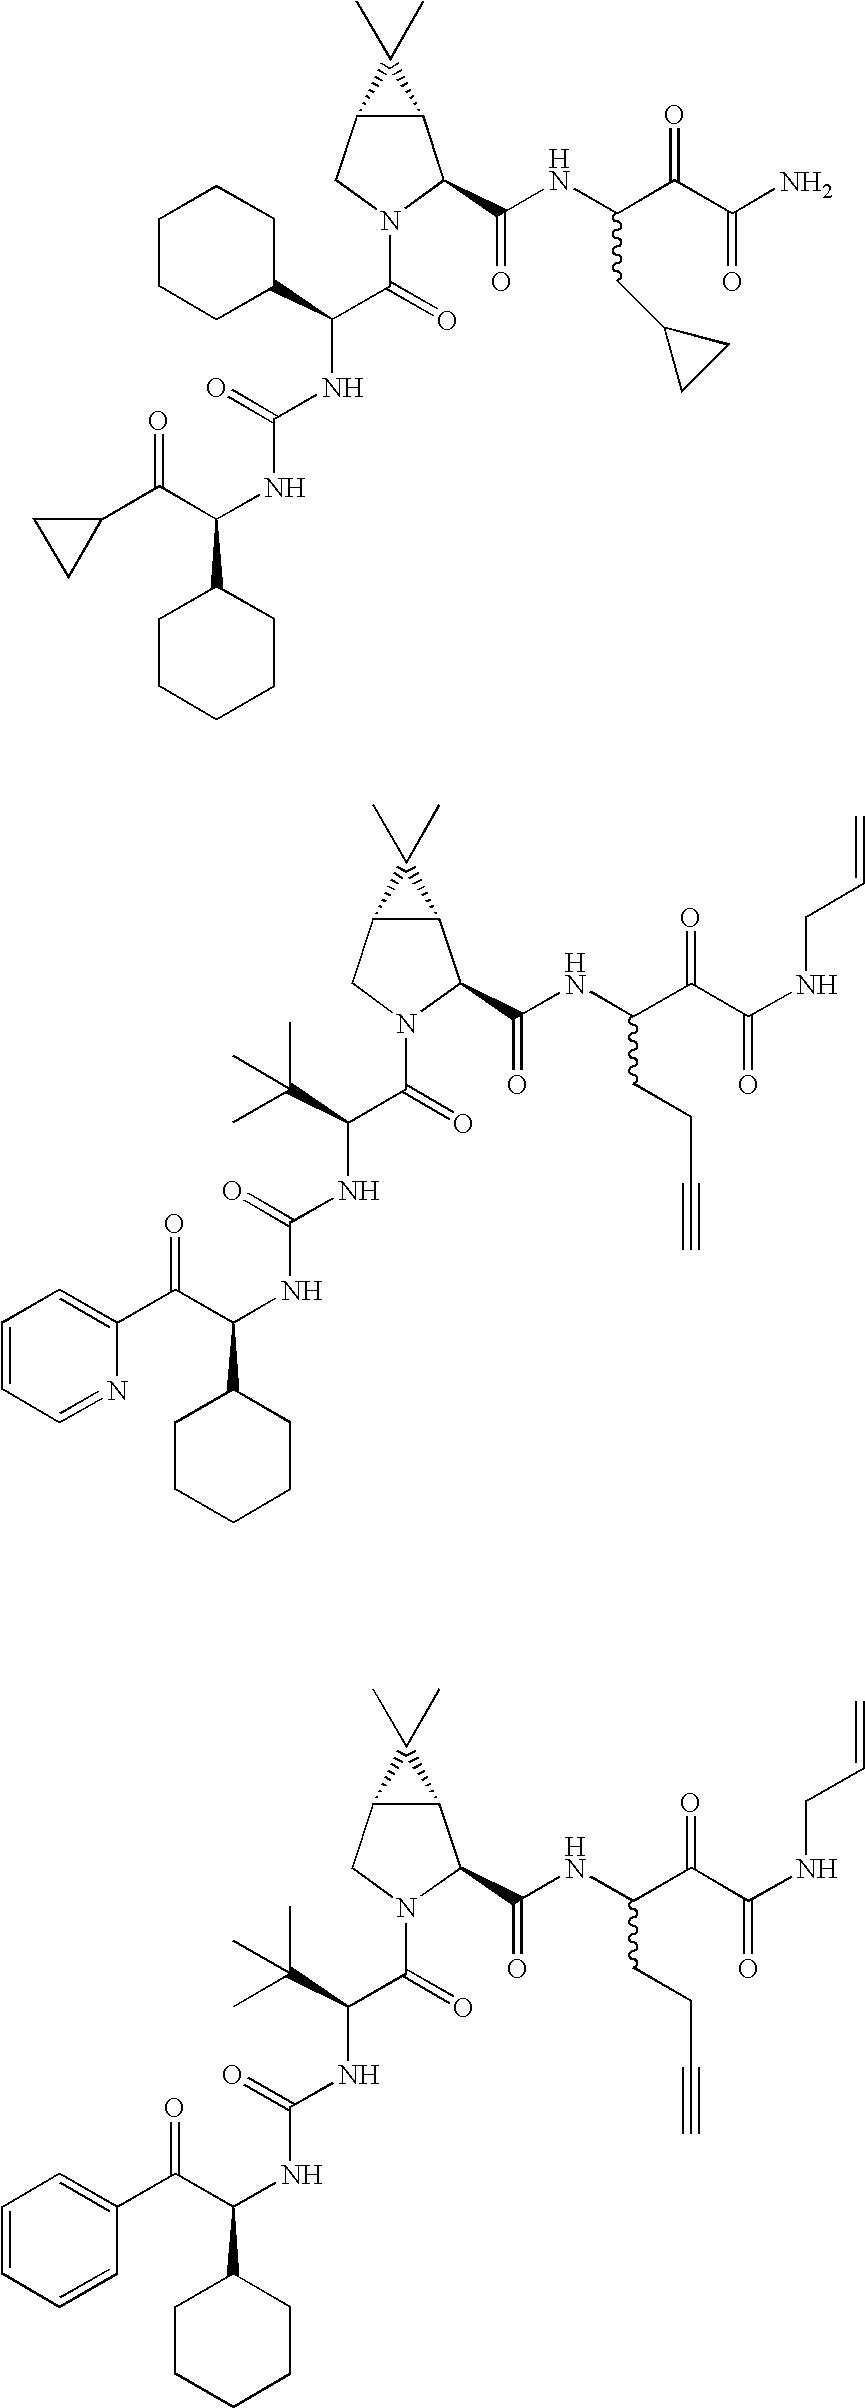 Figure US20060287248A1-20061221-C00217